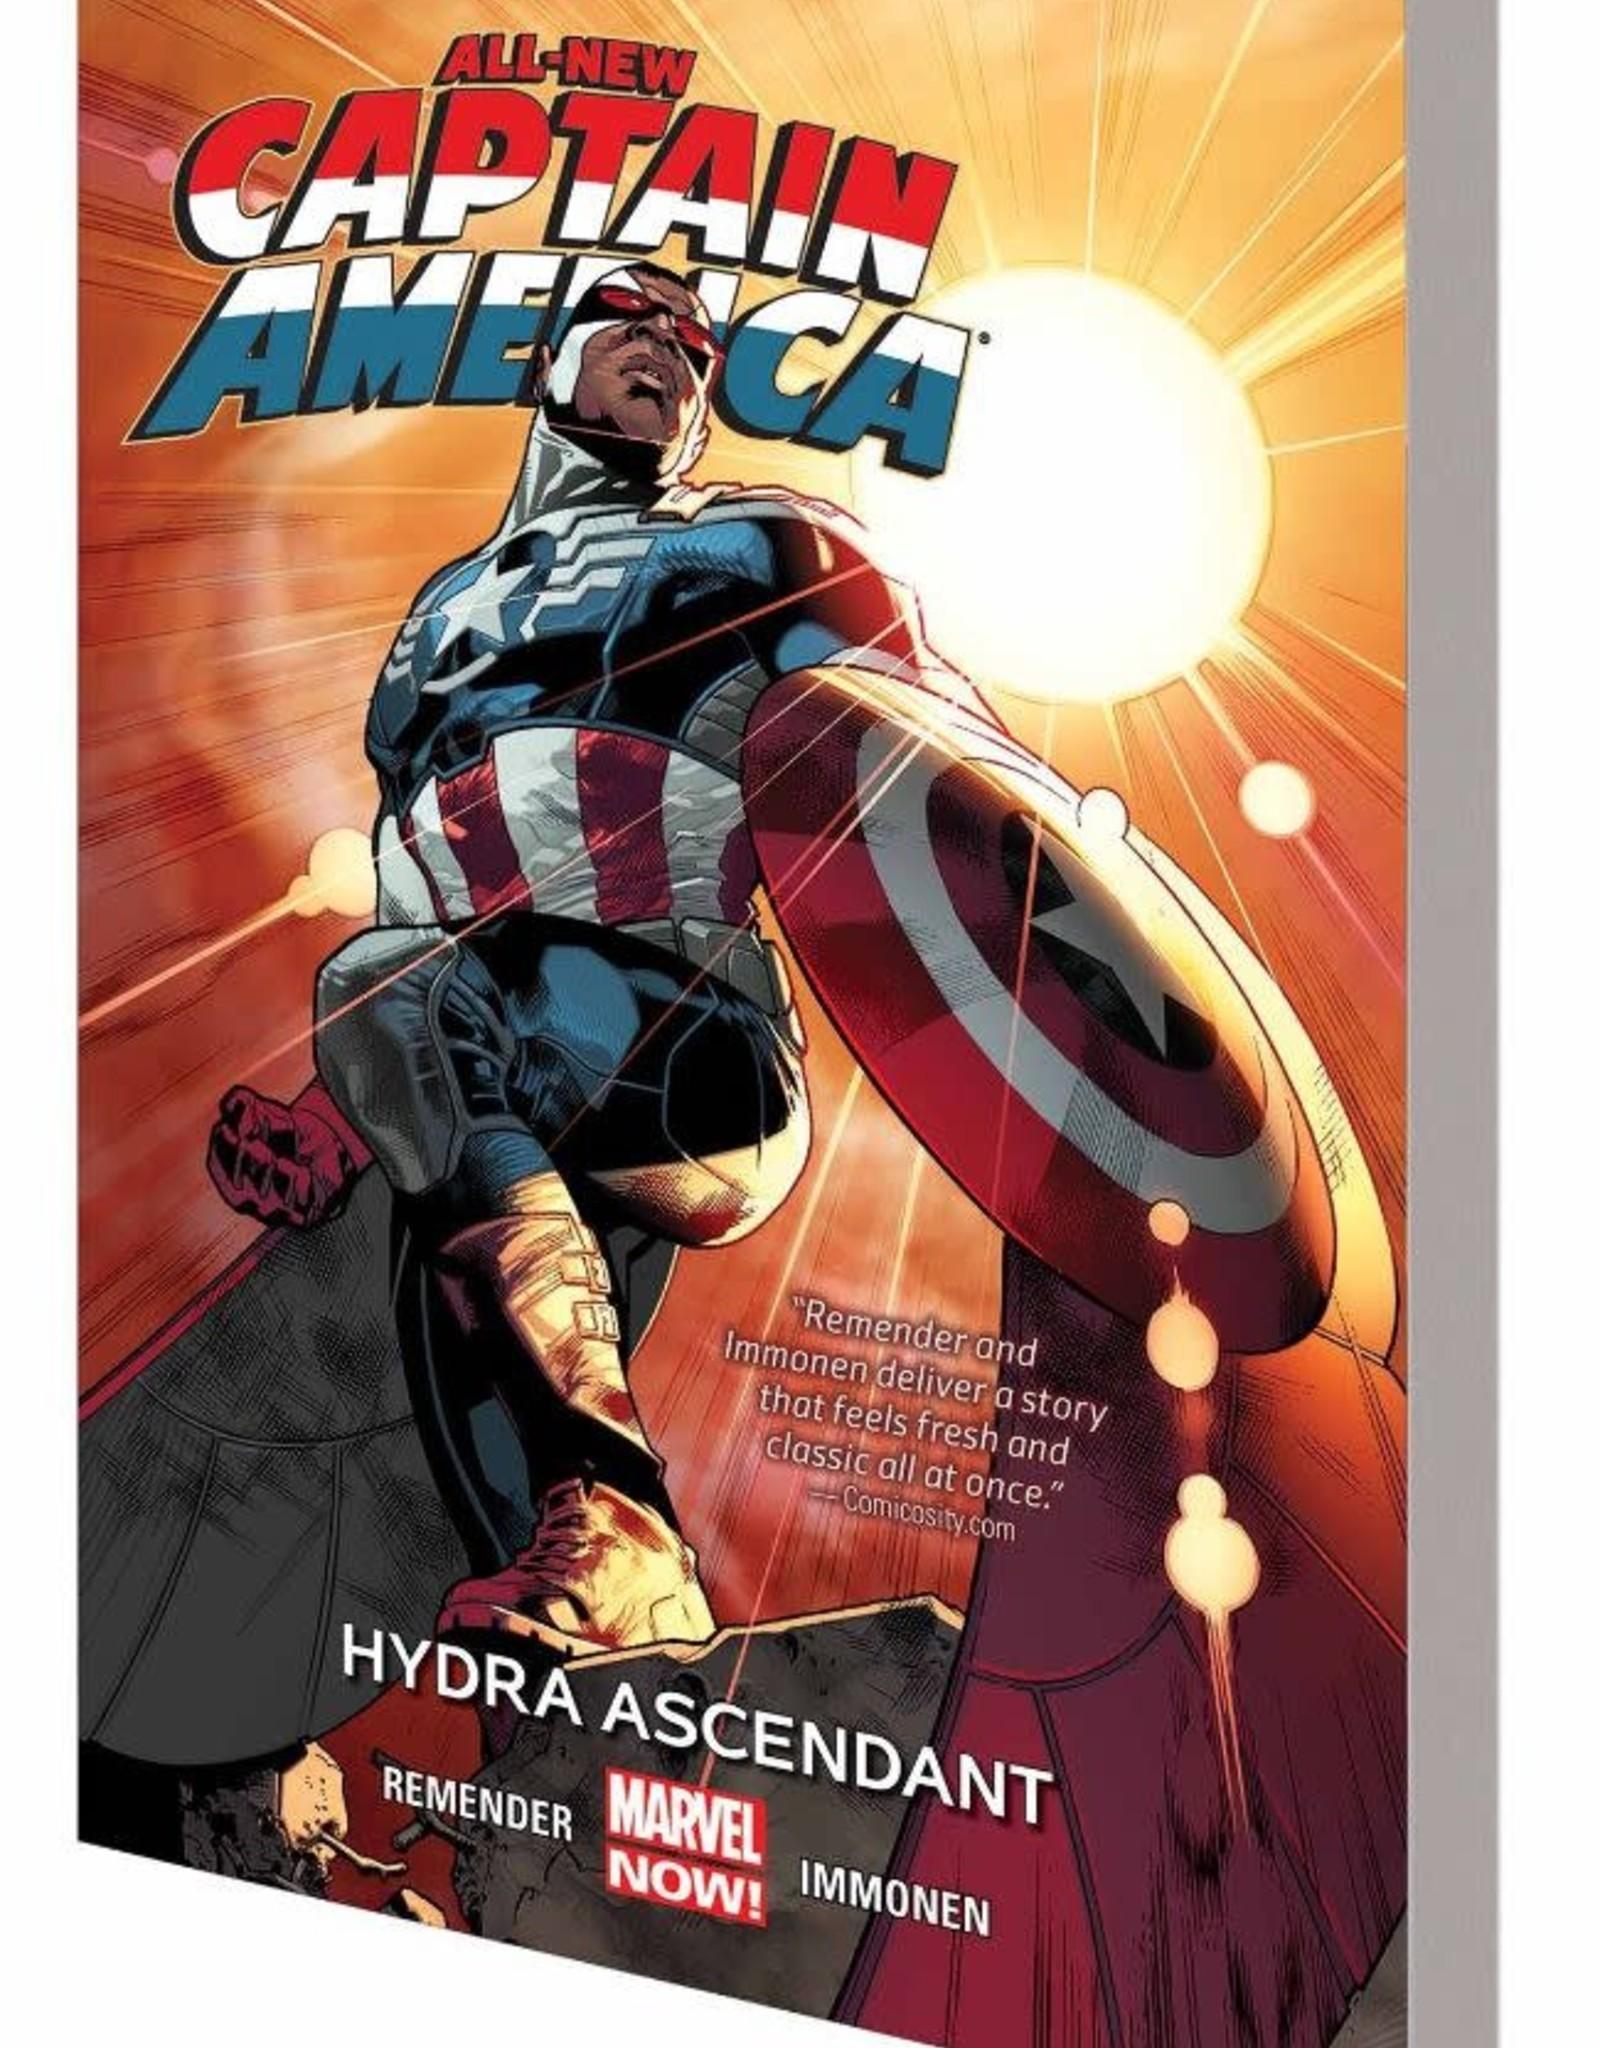 Marvel Comics All-New Captain America  Vol 01: Hydra Ascendant TP